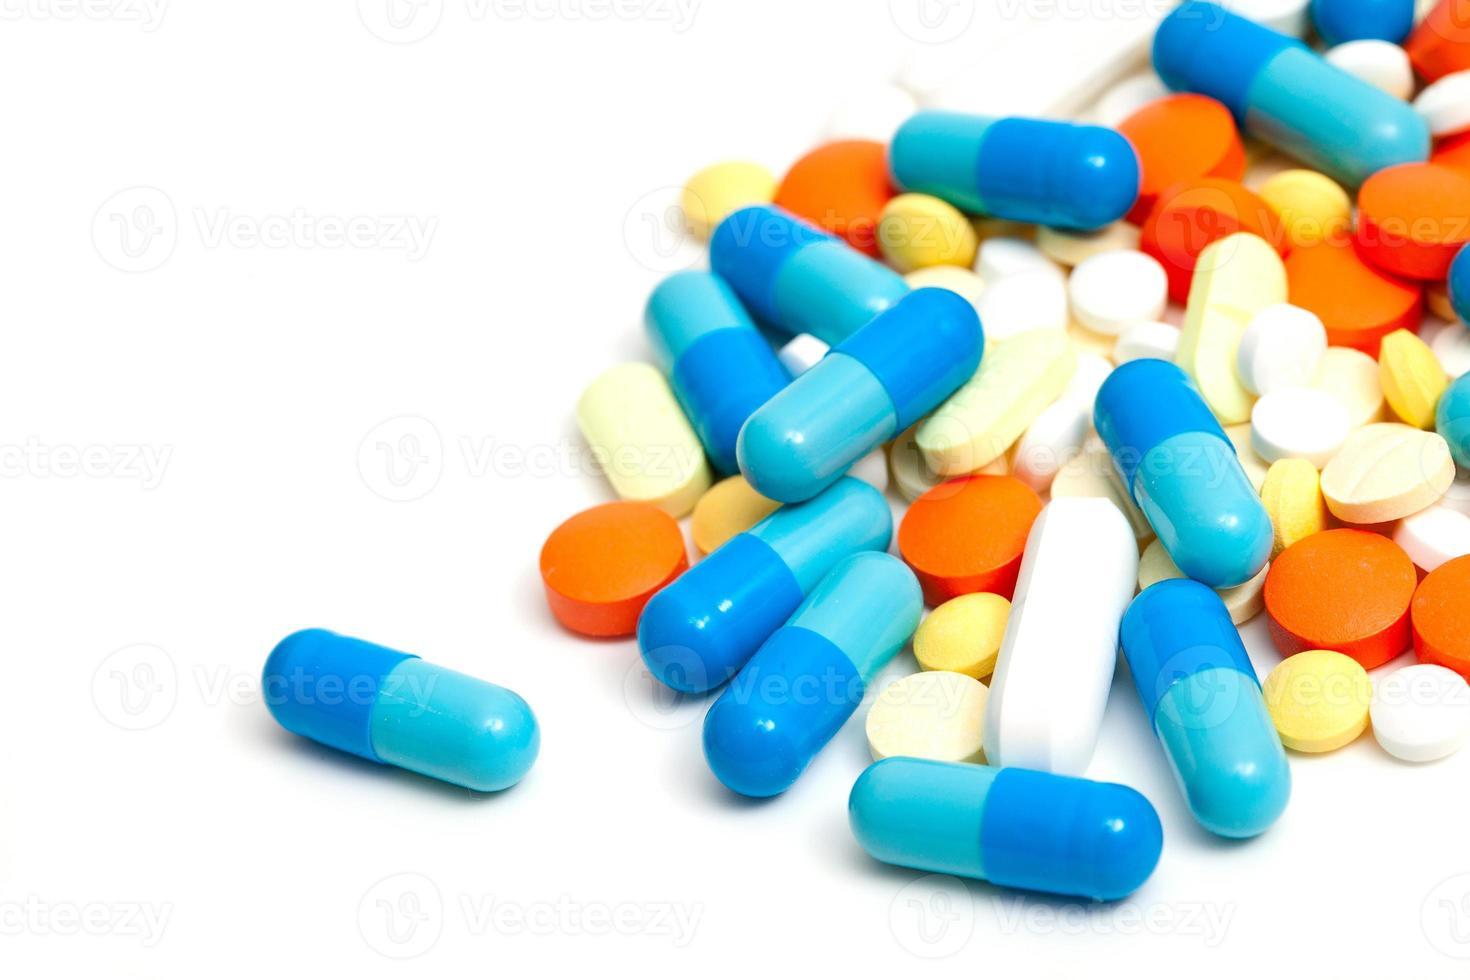 pilules colorées sur fond blanc photo